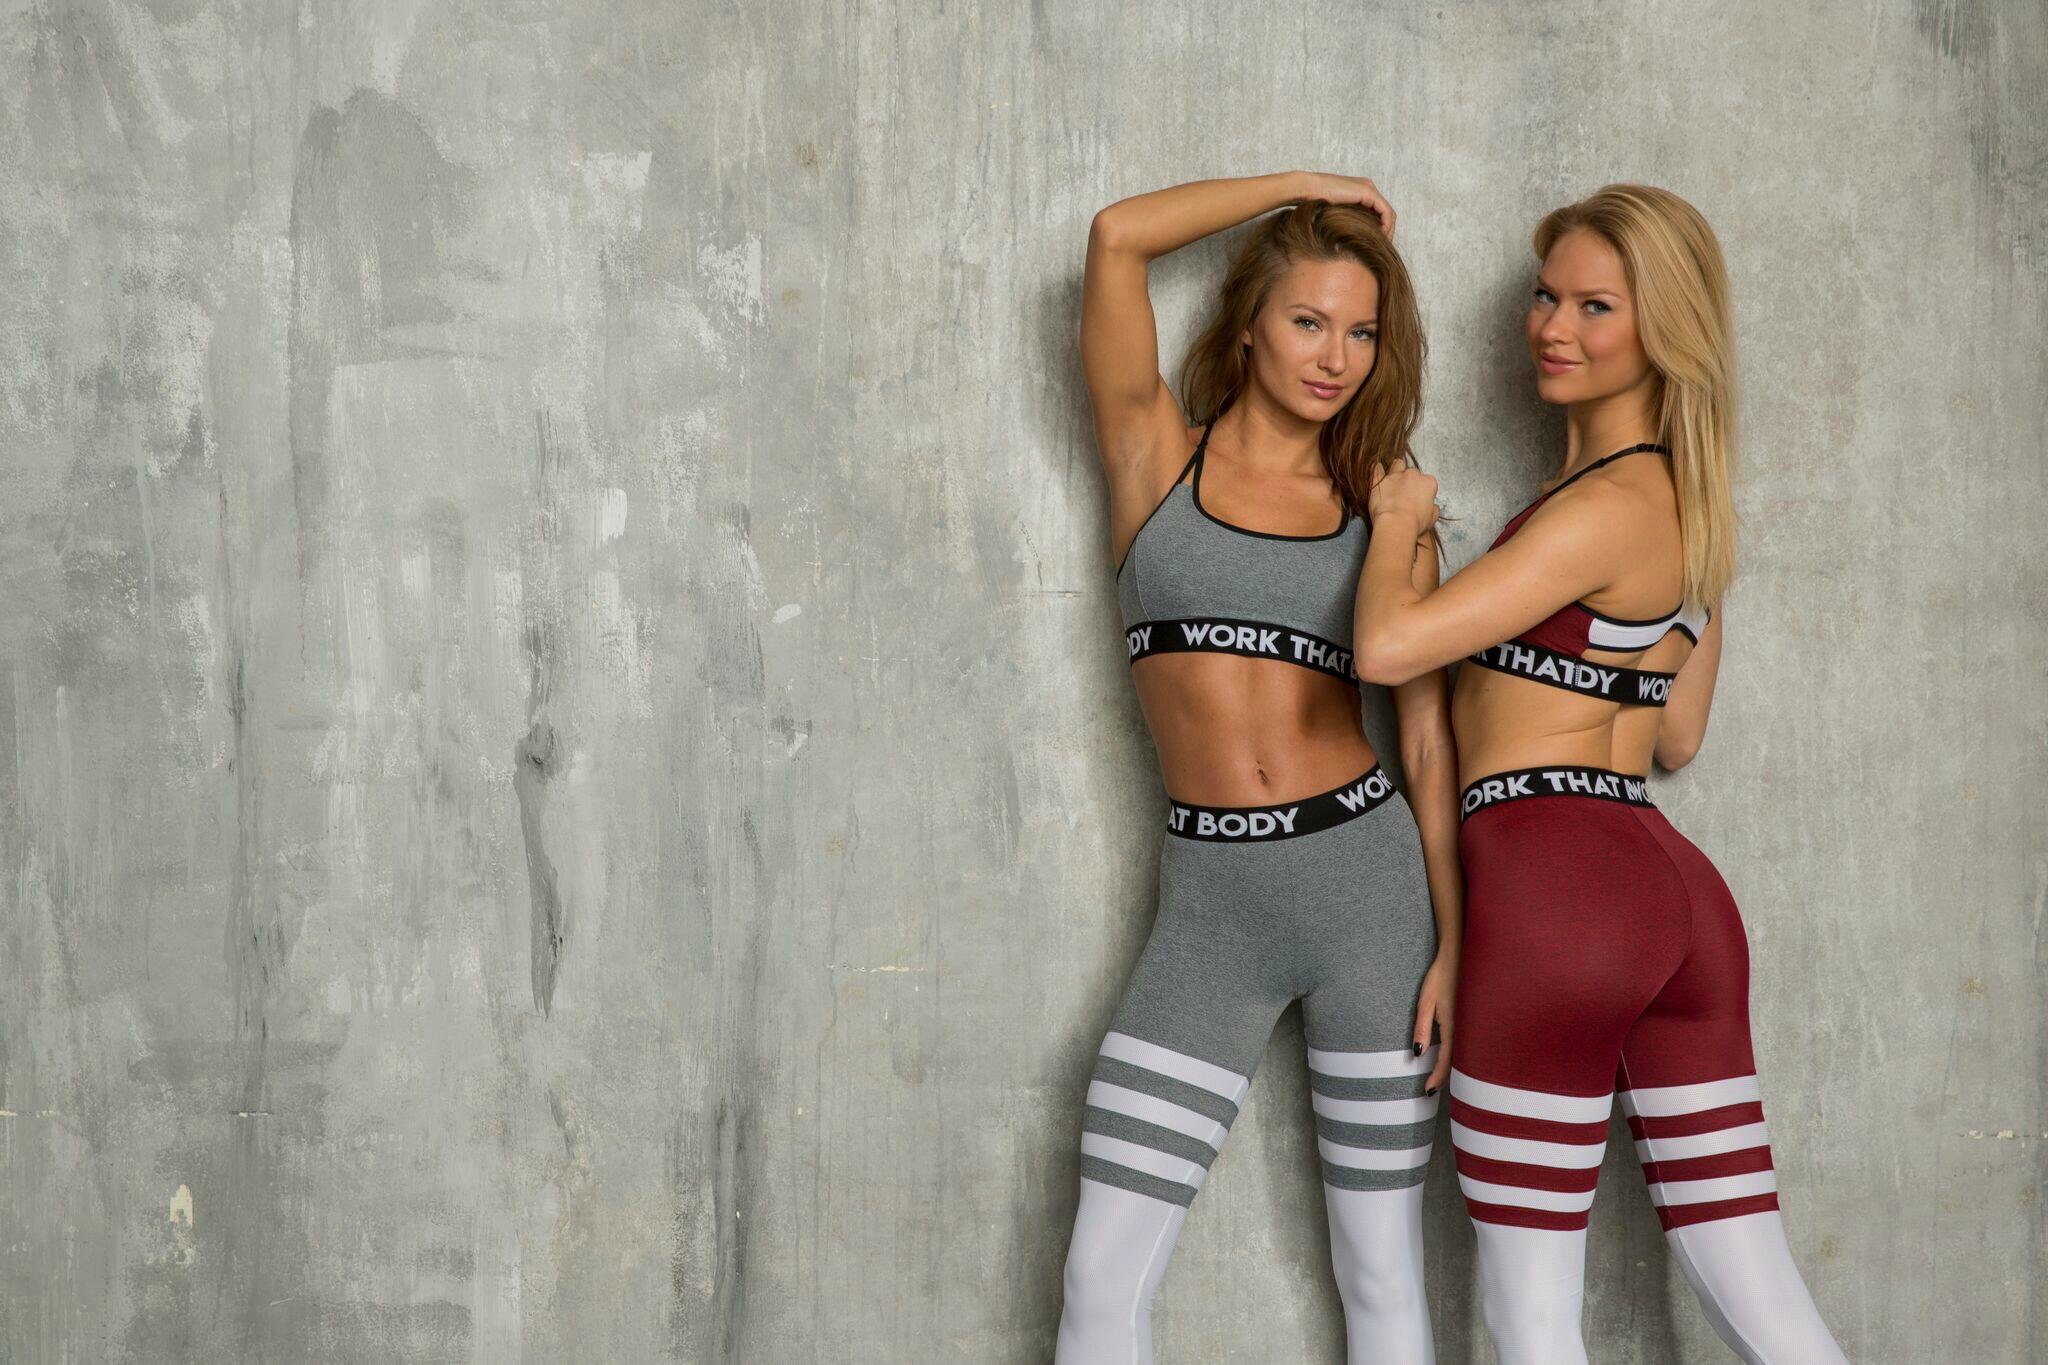 KEO – sportruha márka, Oczella Eszter és Oczella Krisztina tervezésében